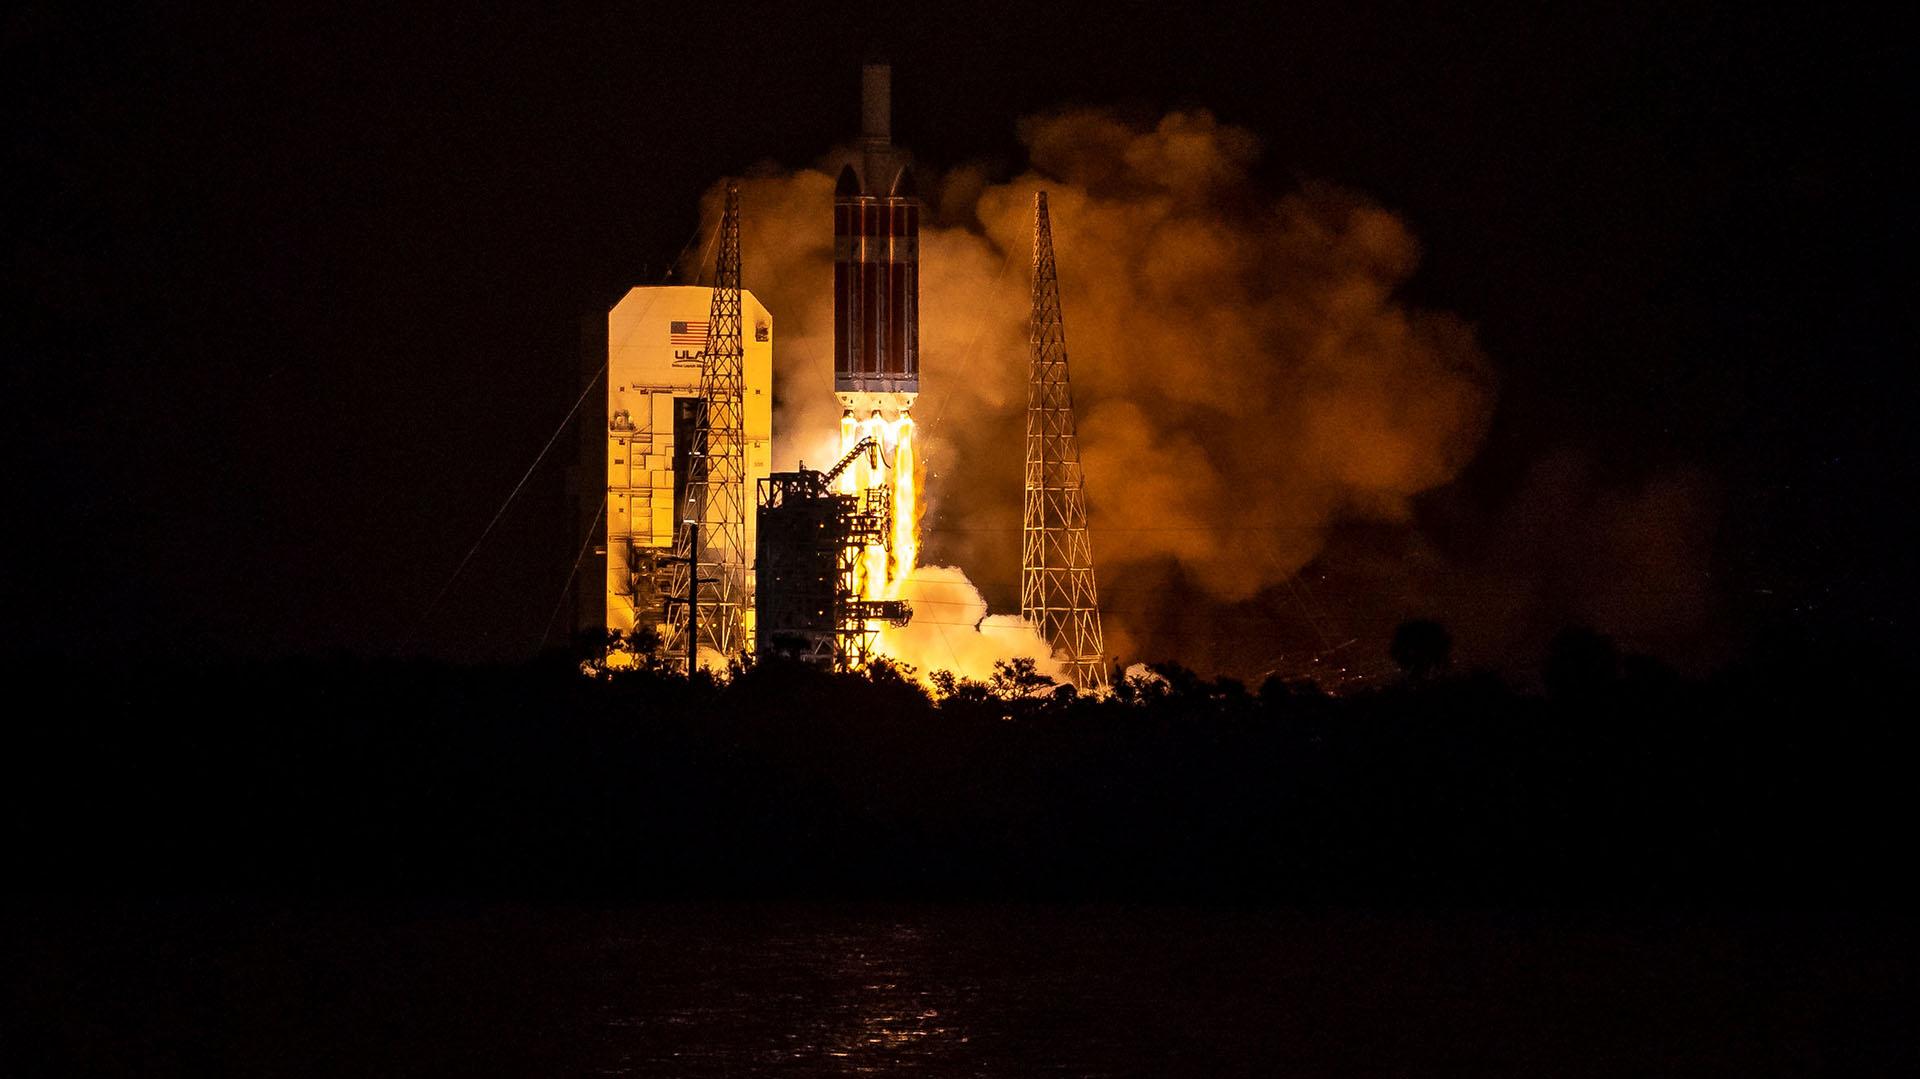 La sonda, de dimensiones pequeñas (65 kilos y 3 metros de altura), llegará a una distancia de 6 millones de kilómetros del Sol, lo que equivale a 4 centímetros de él si la Tierra estuviera a un metro del Sol